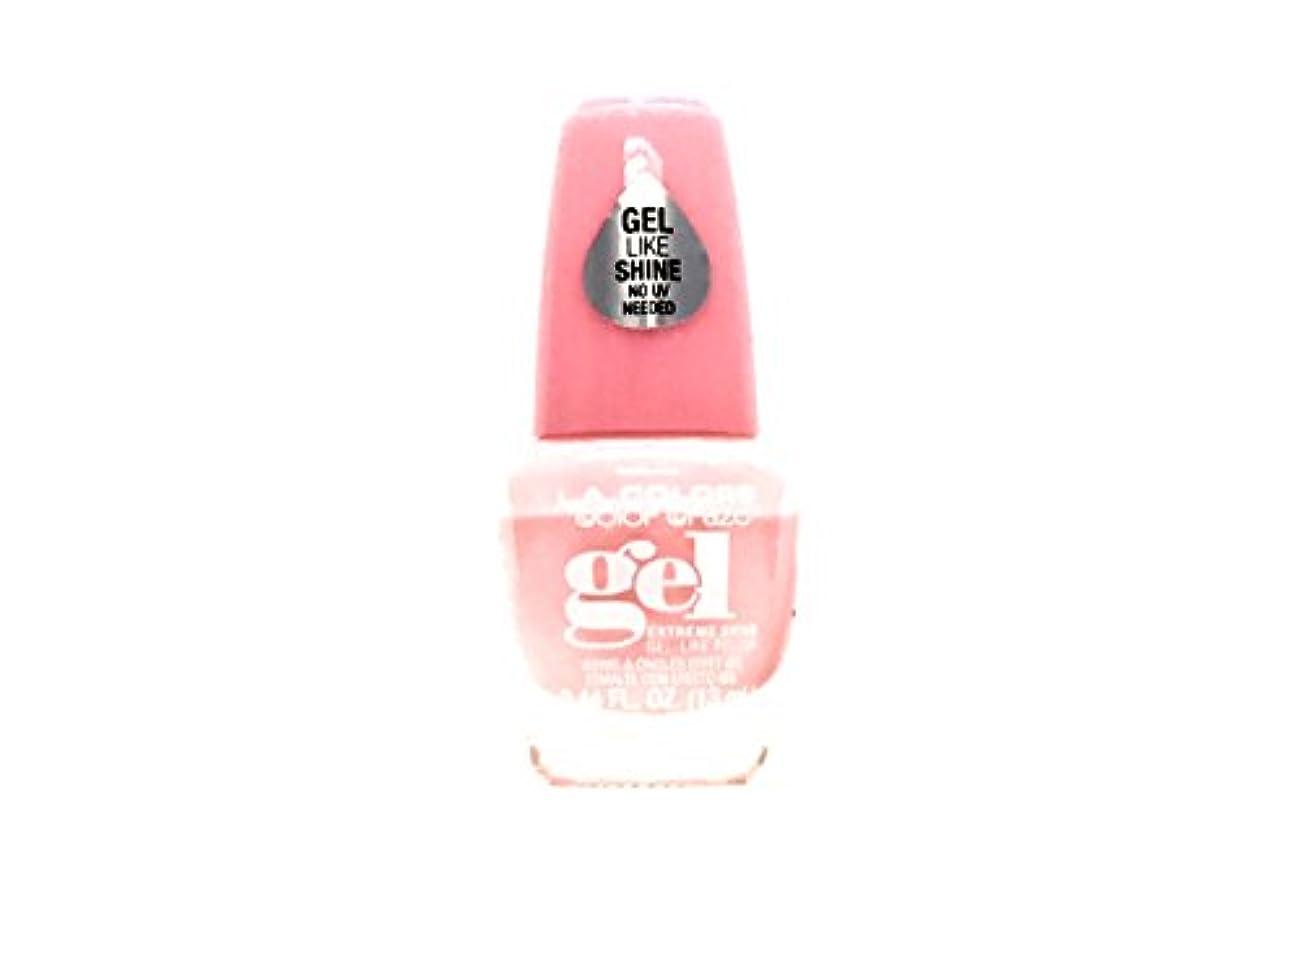 かもめパズル陸軍LA Colors 美容化粧品21 Cnp742美容化粧品21 0.44 fl。 oz。 (13ml) スウィートハート(cnp742)